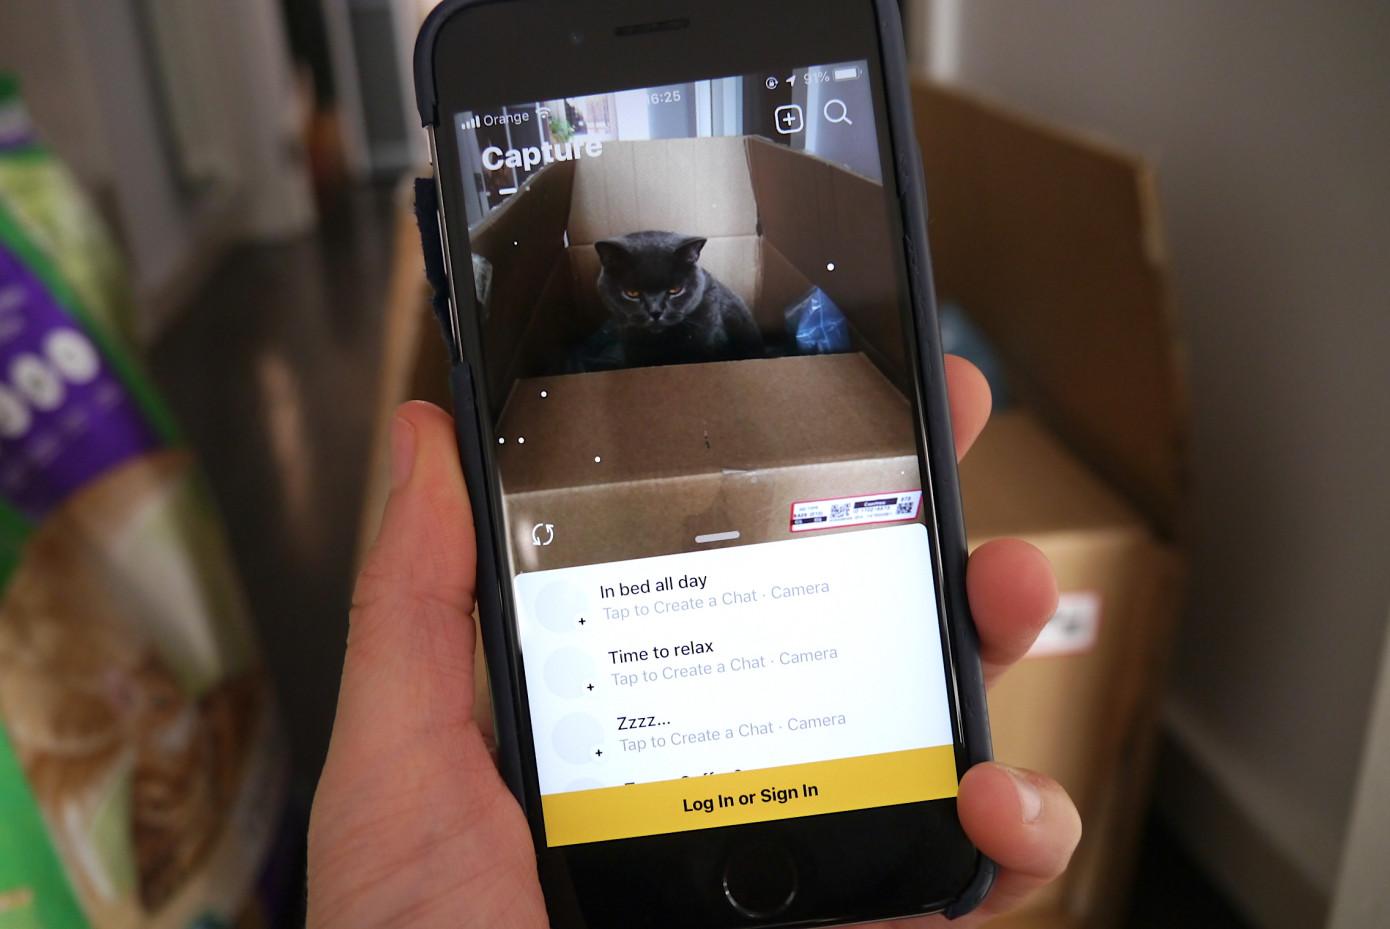 社交聊天应用程序Capture启动以减少病毒式成功